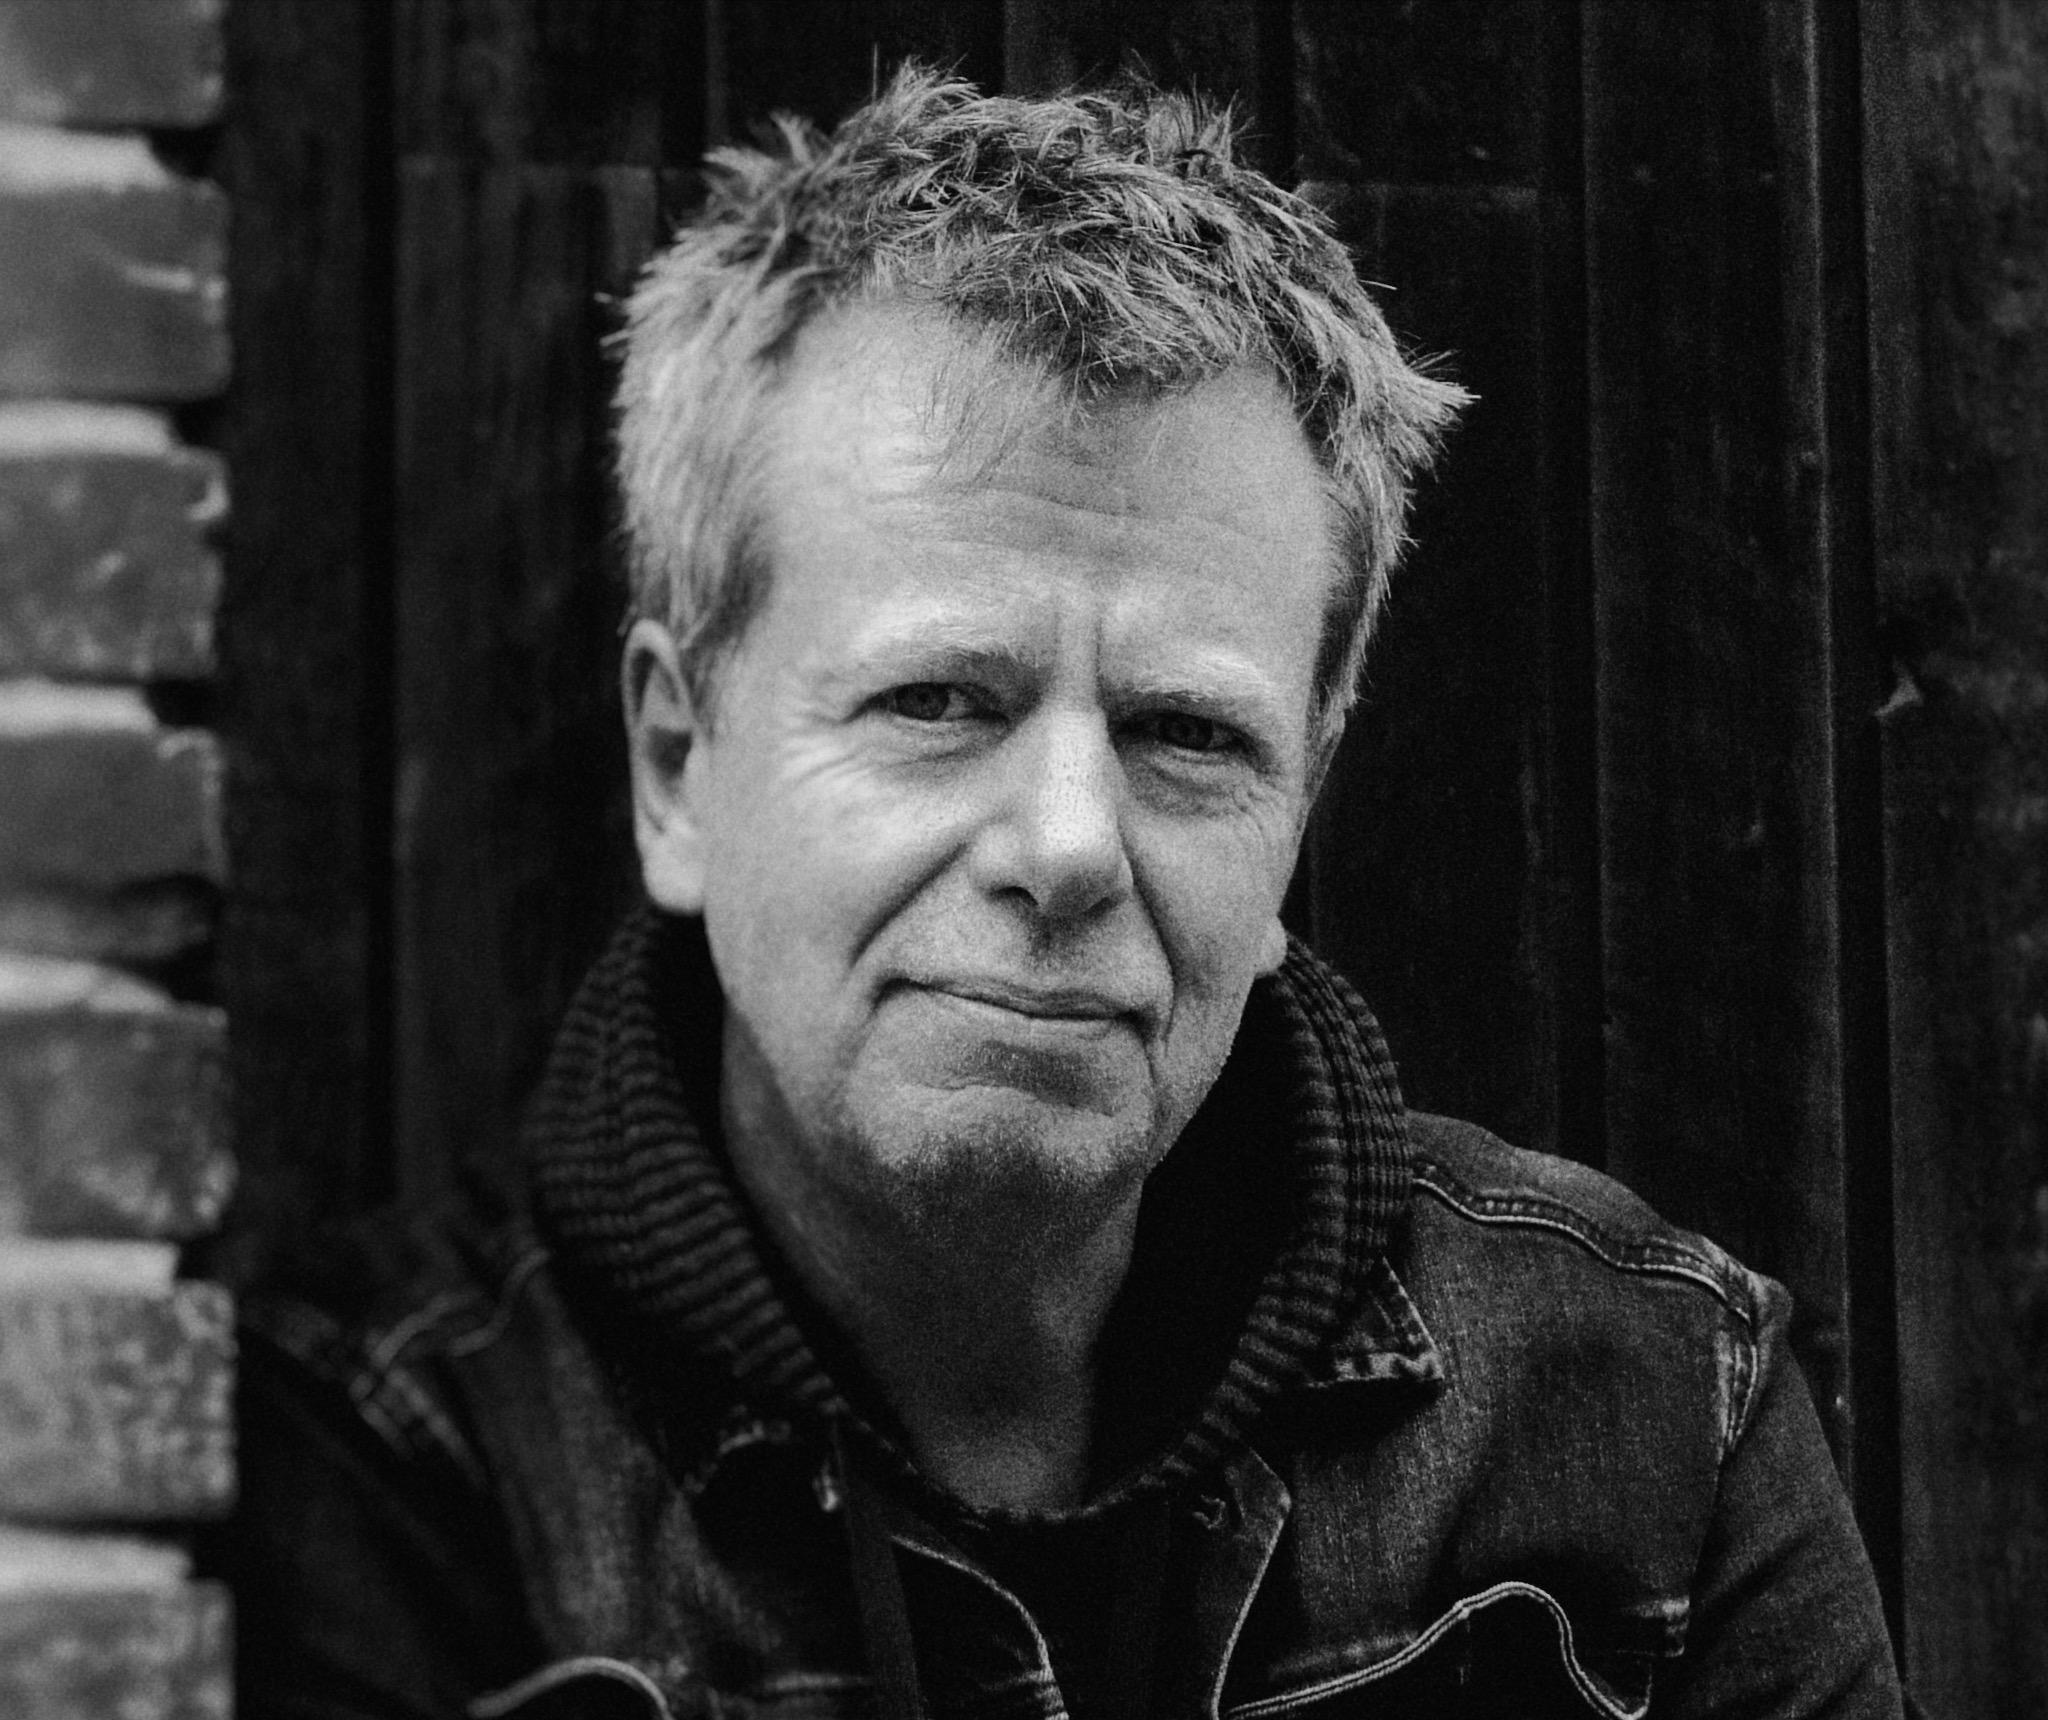 Lars Hauk